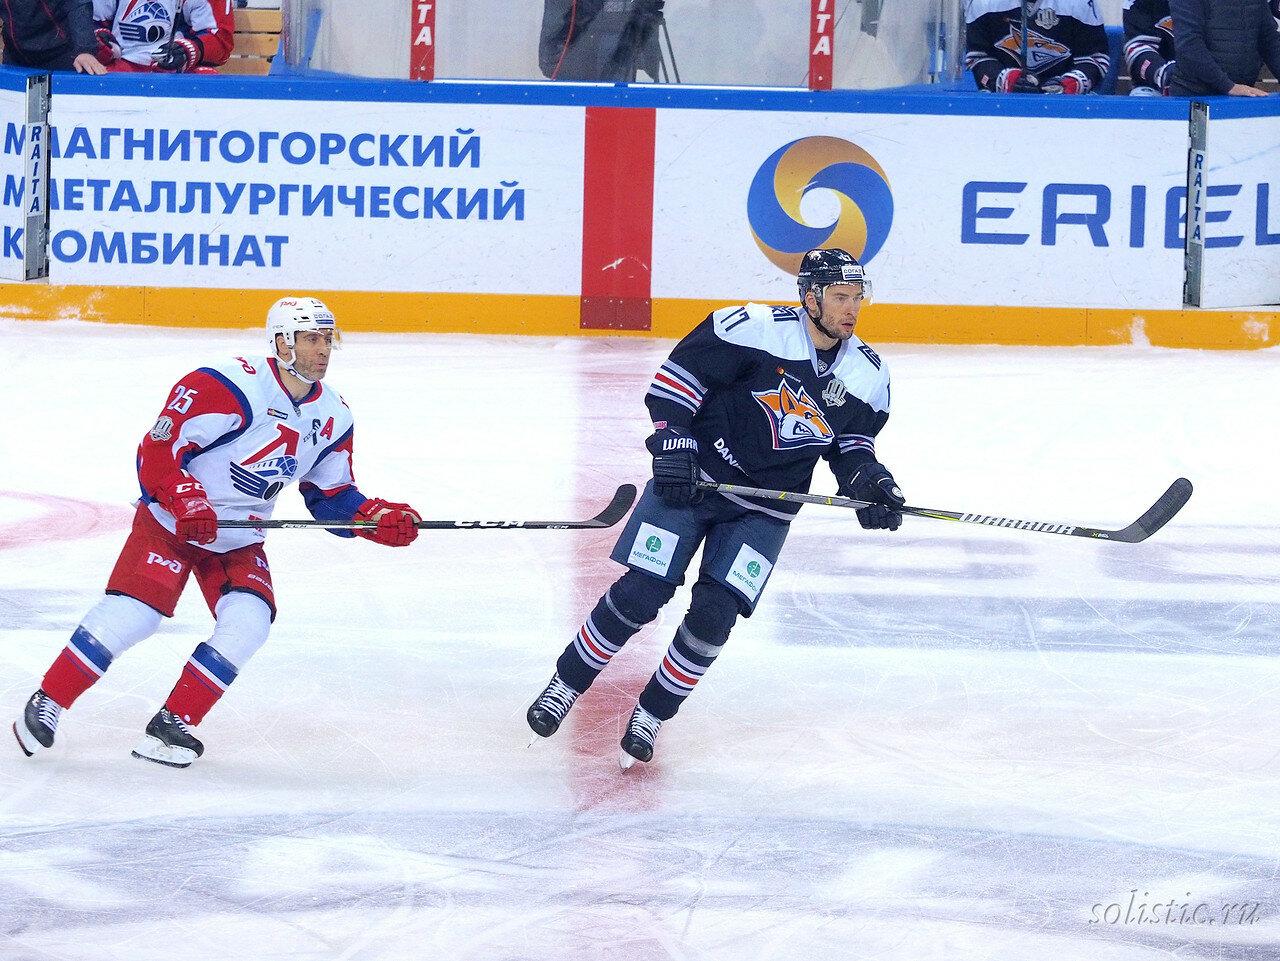 74 Металлург - Локомотив 05.01.2018